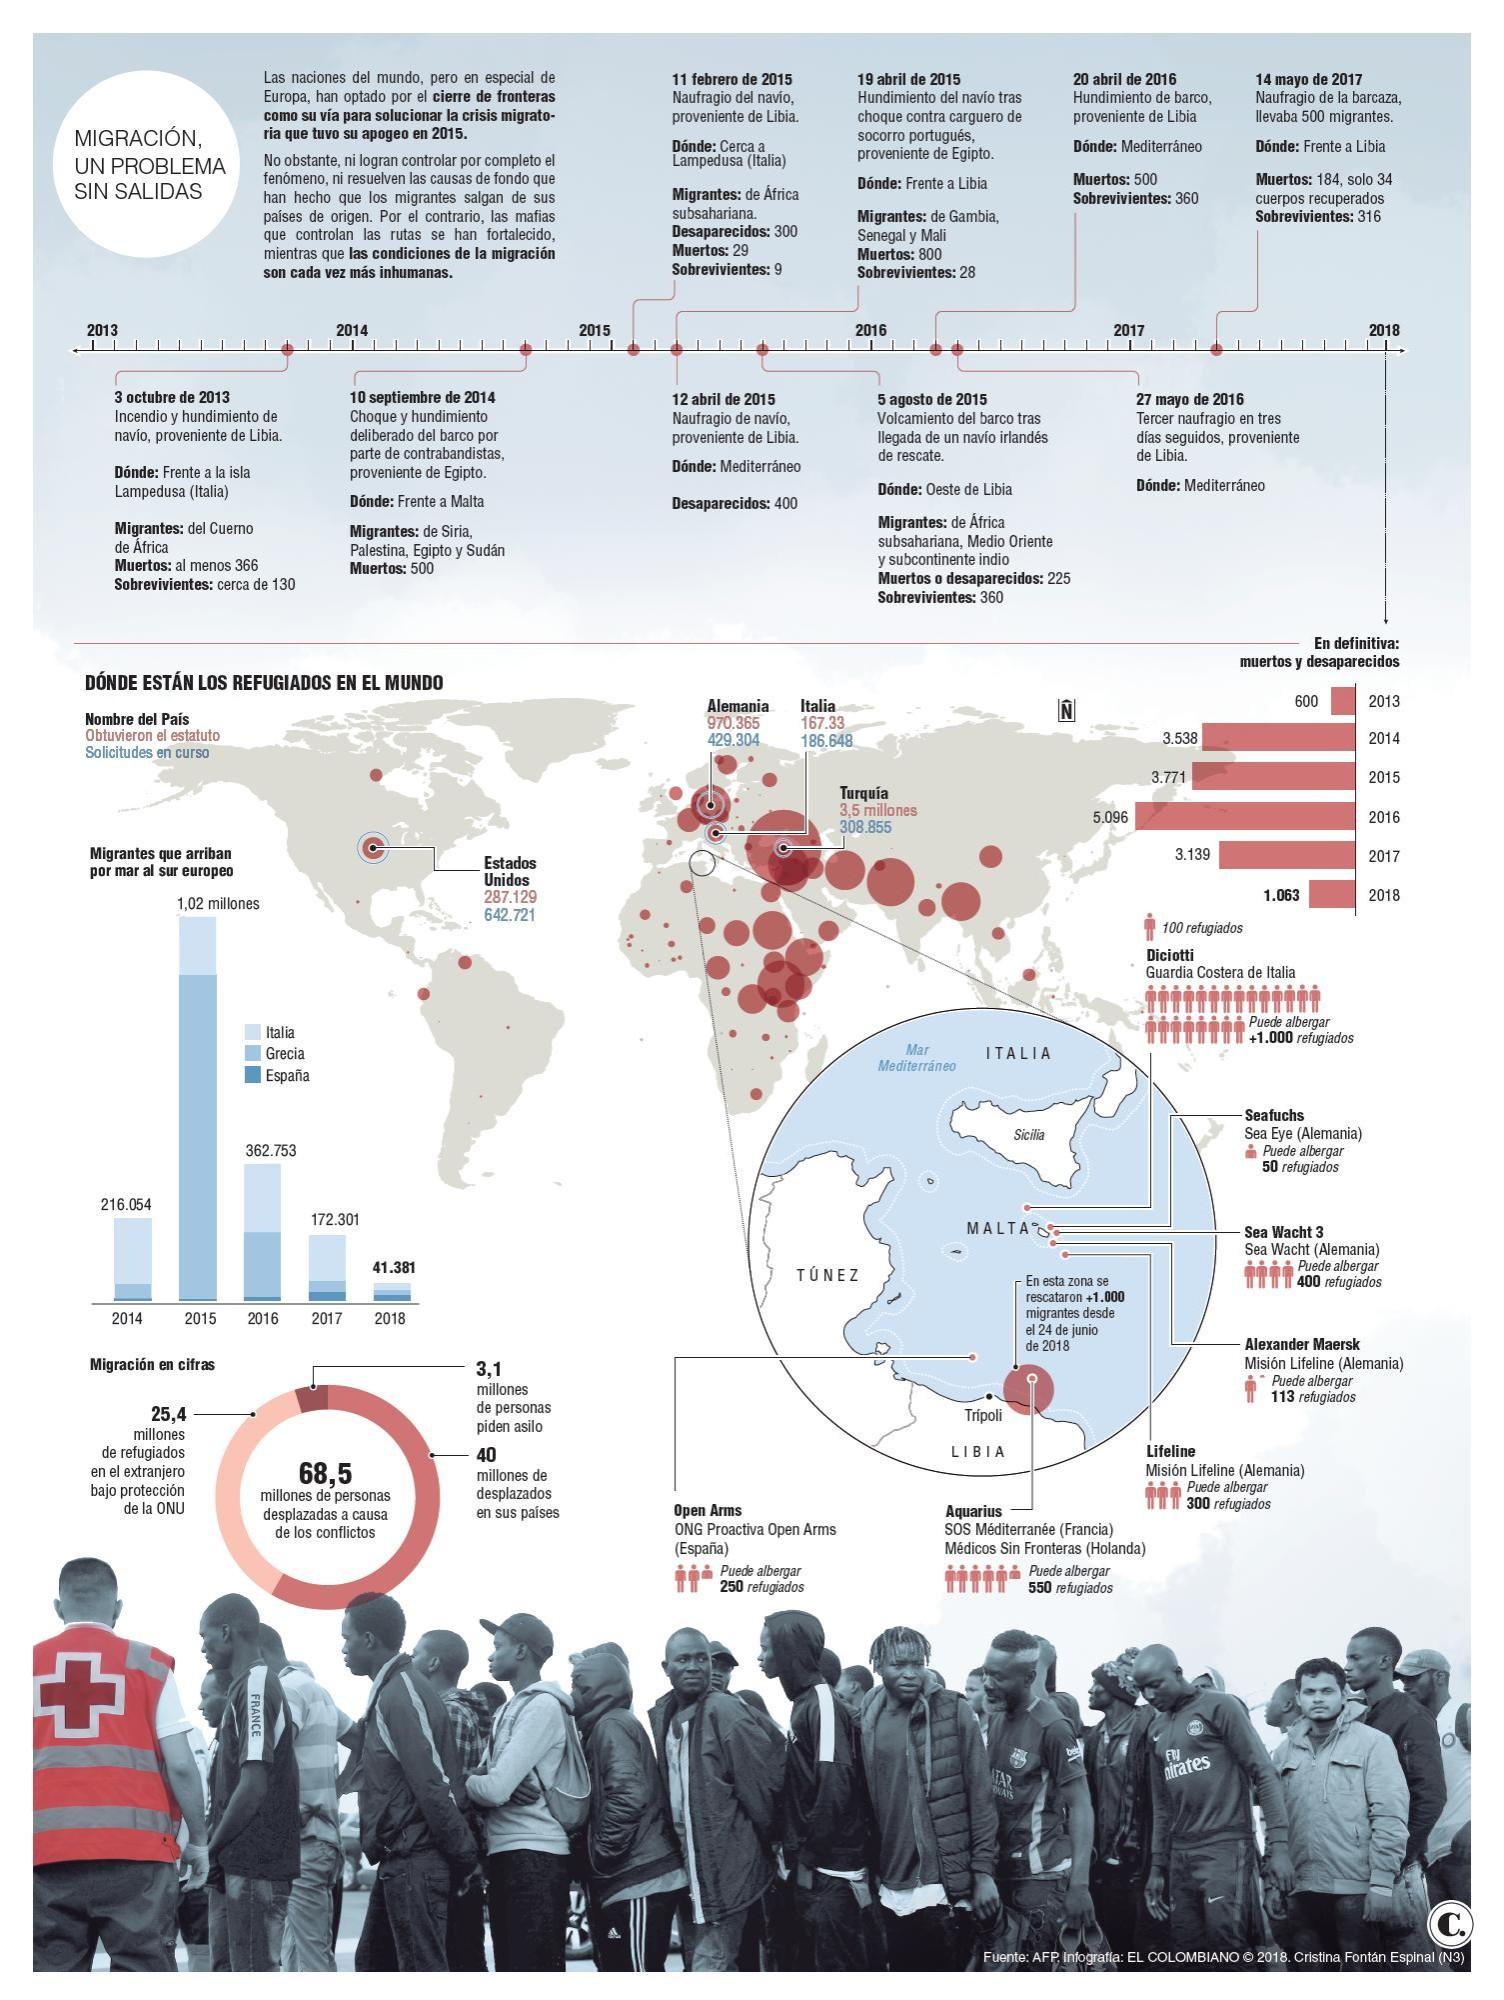 Menos migrantes en la Unión Europea, pero más dolor